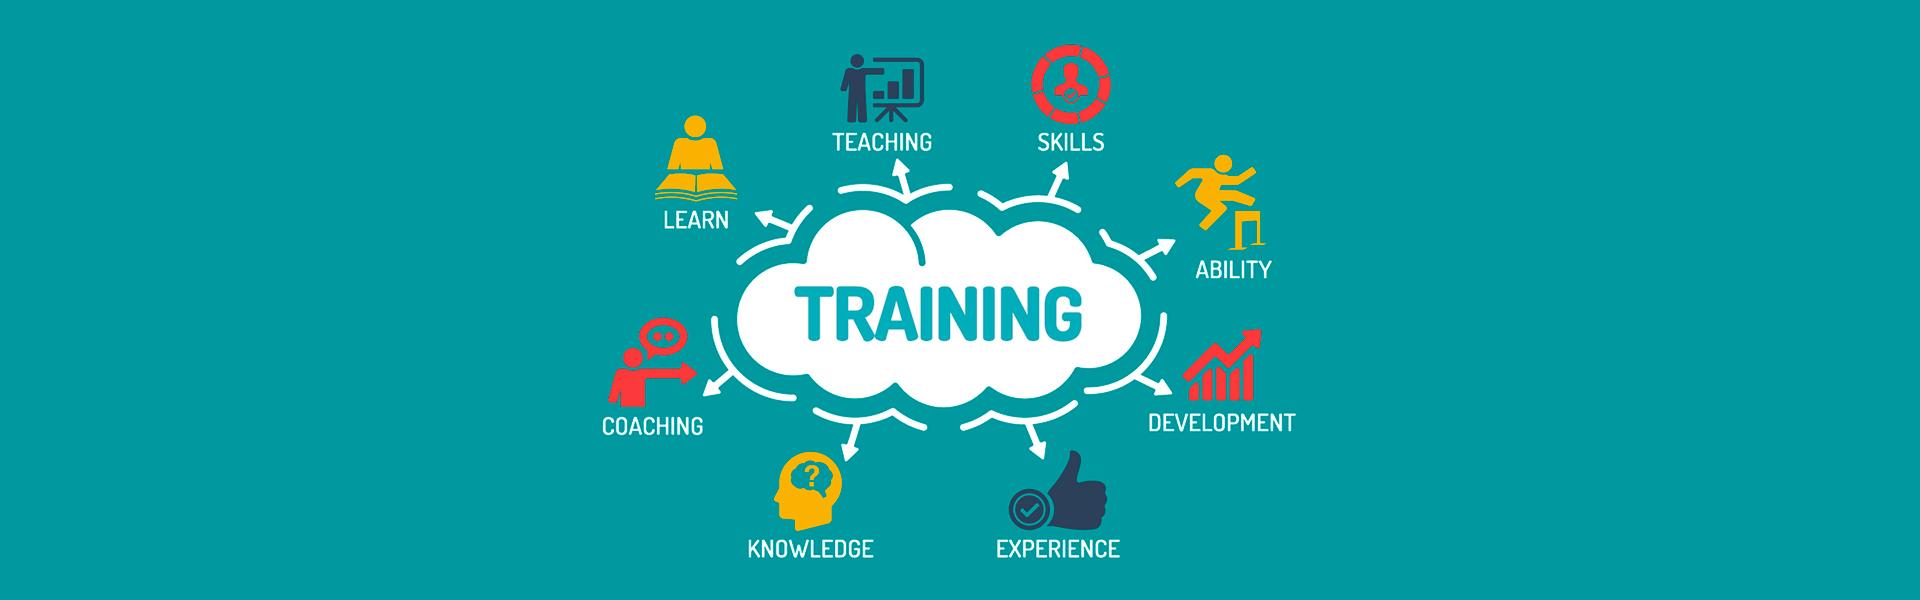 B&L Training People - Innovamos en desarrollo de talento